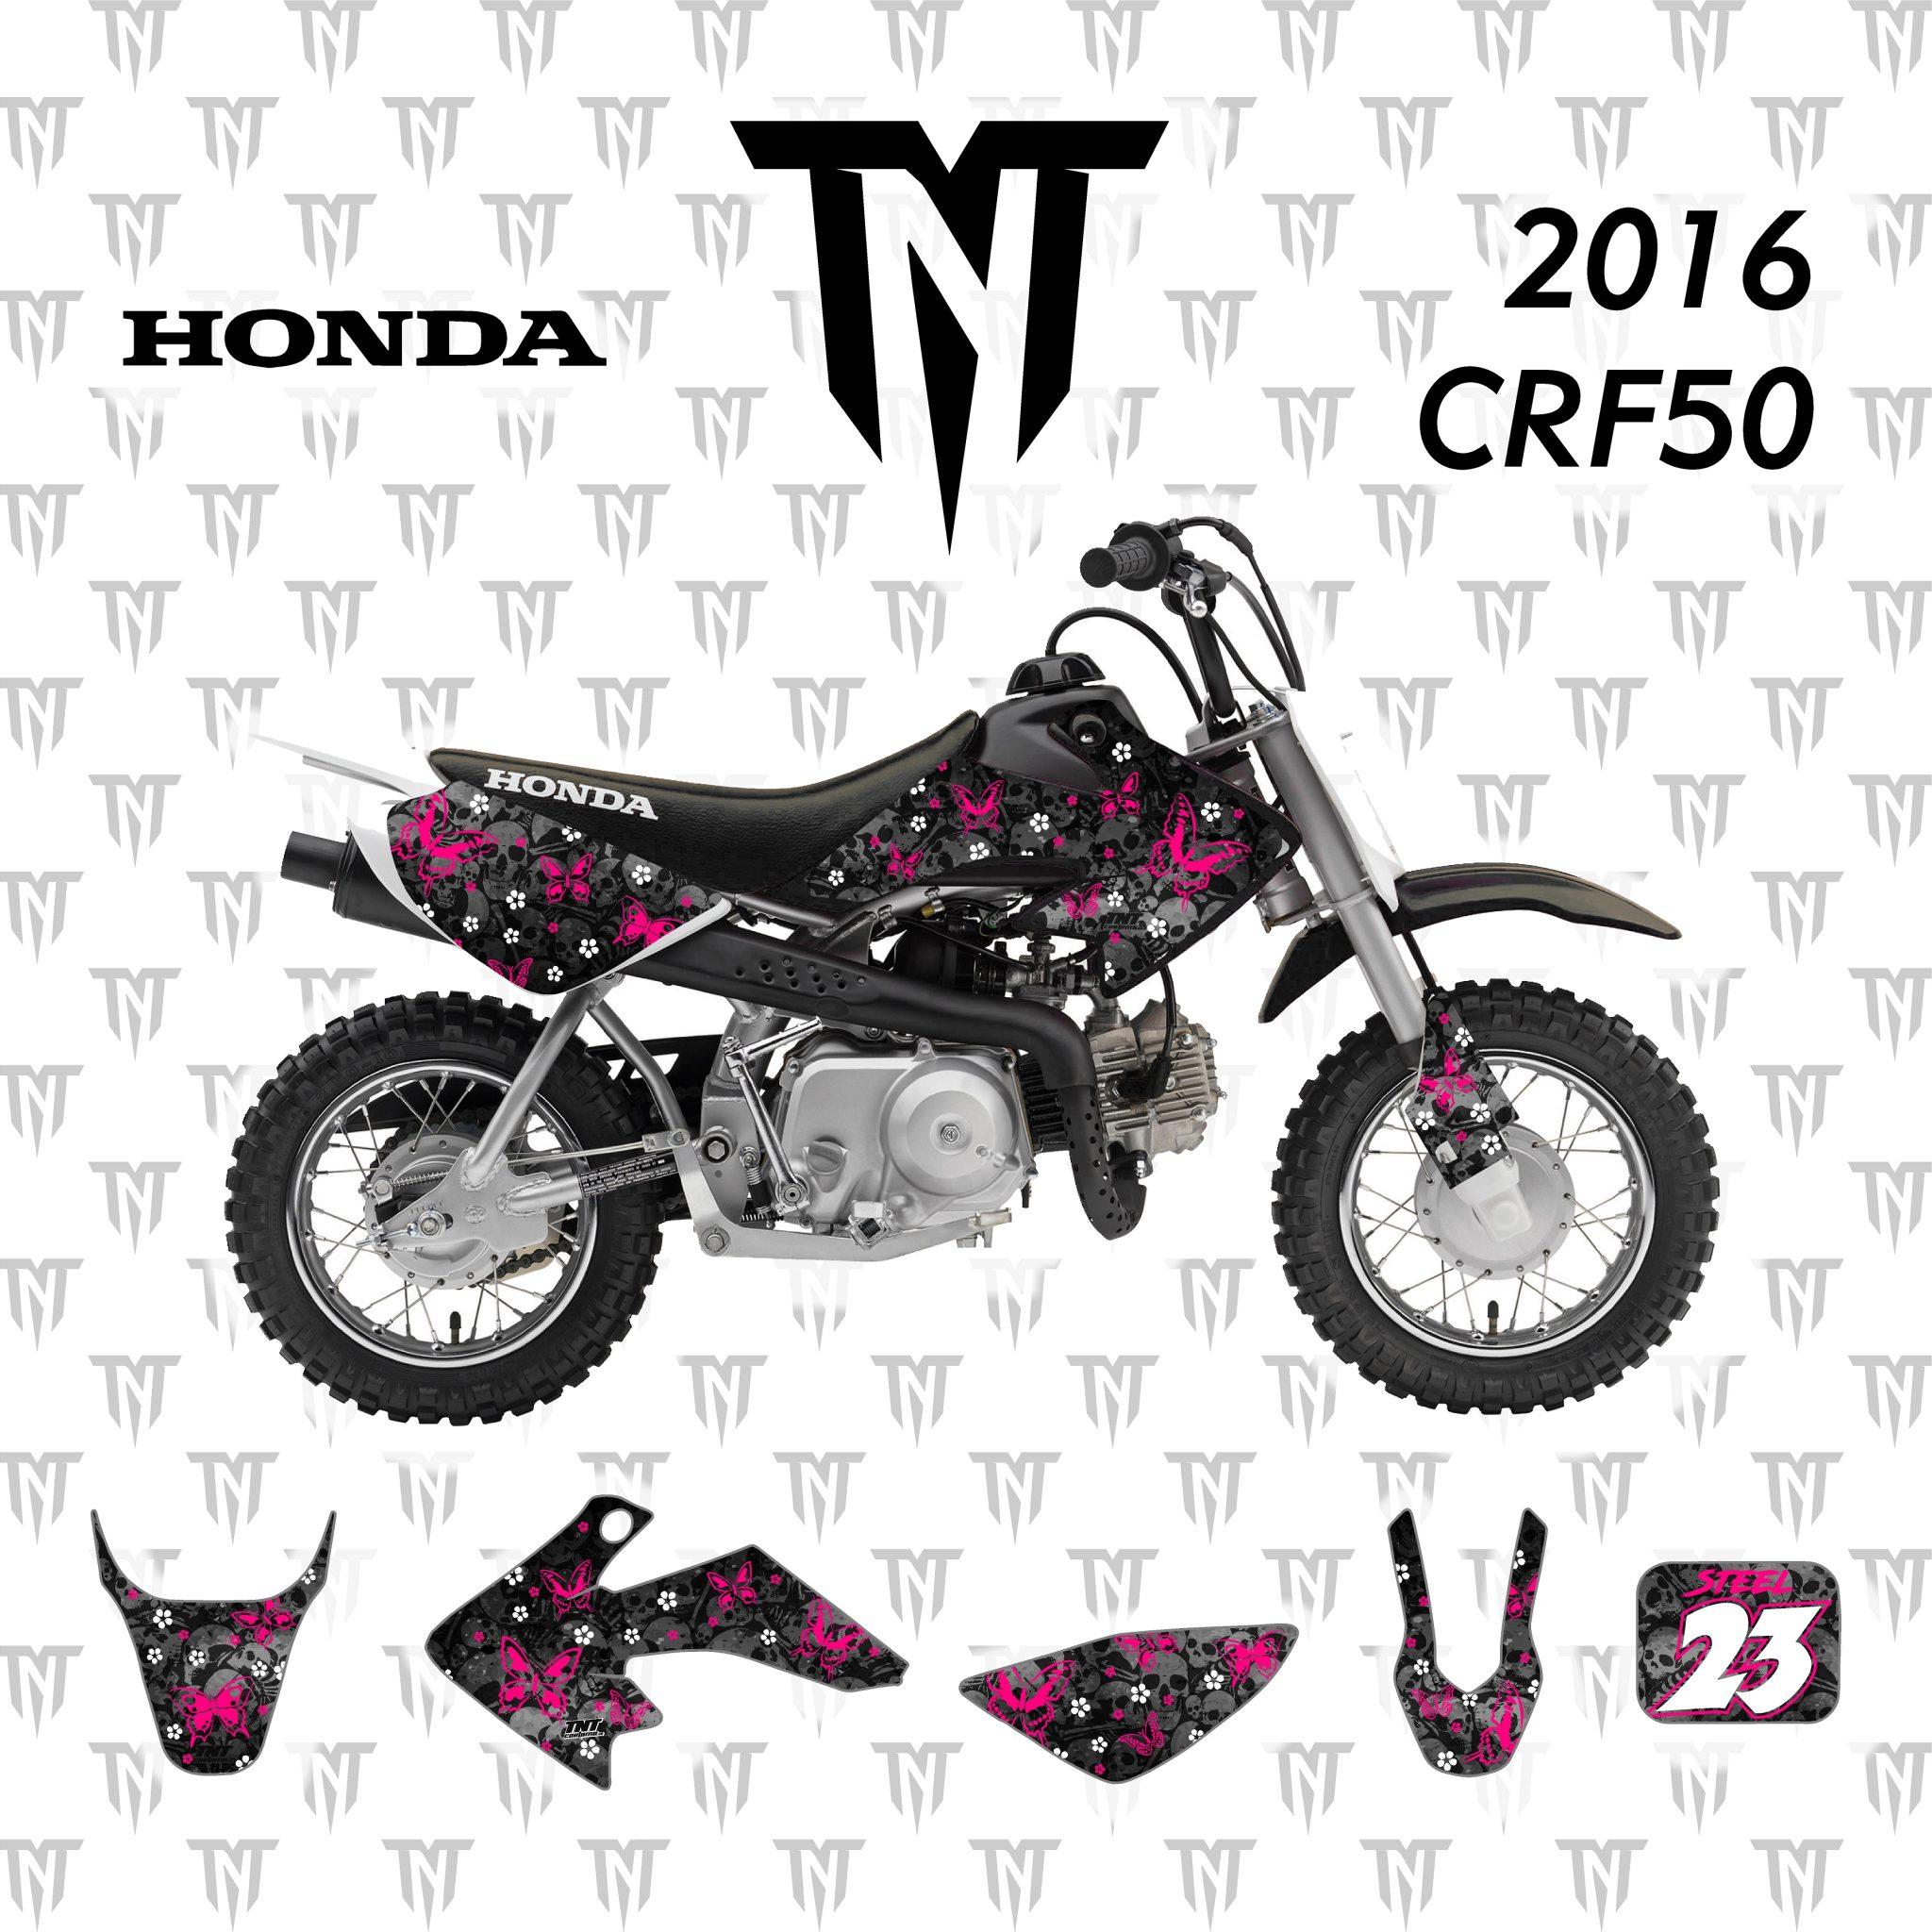 2016 Honda CRF50